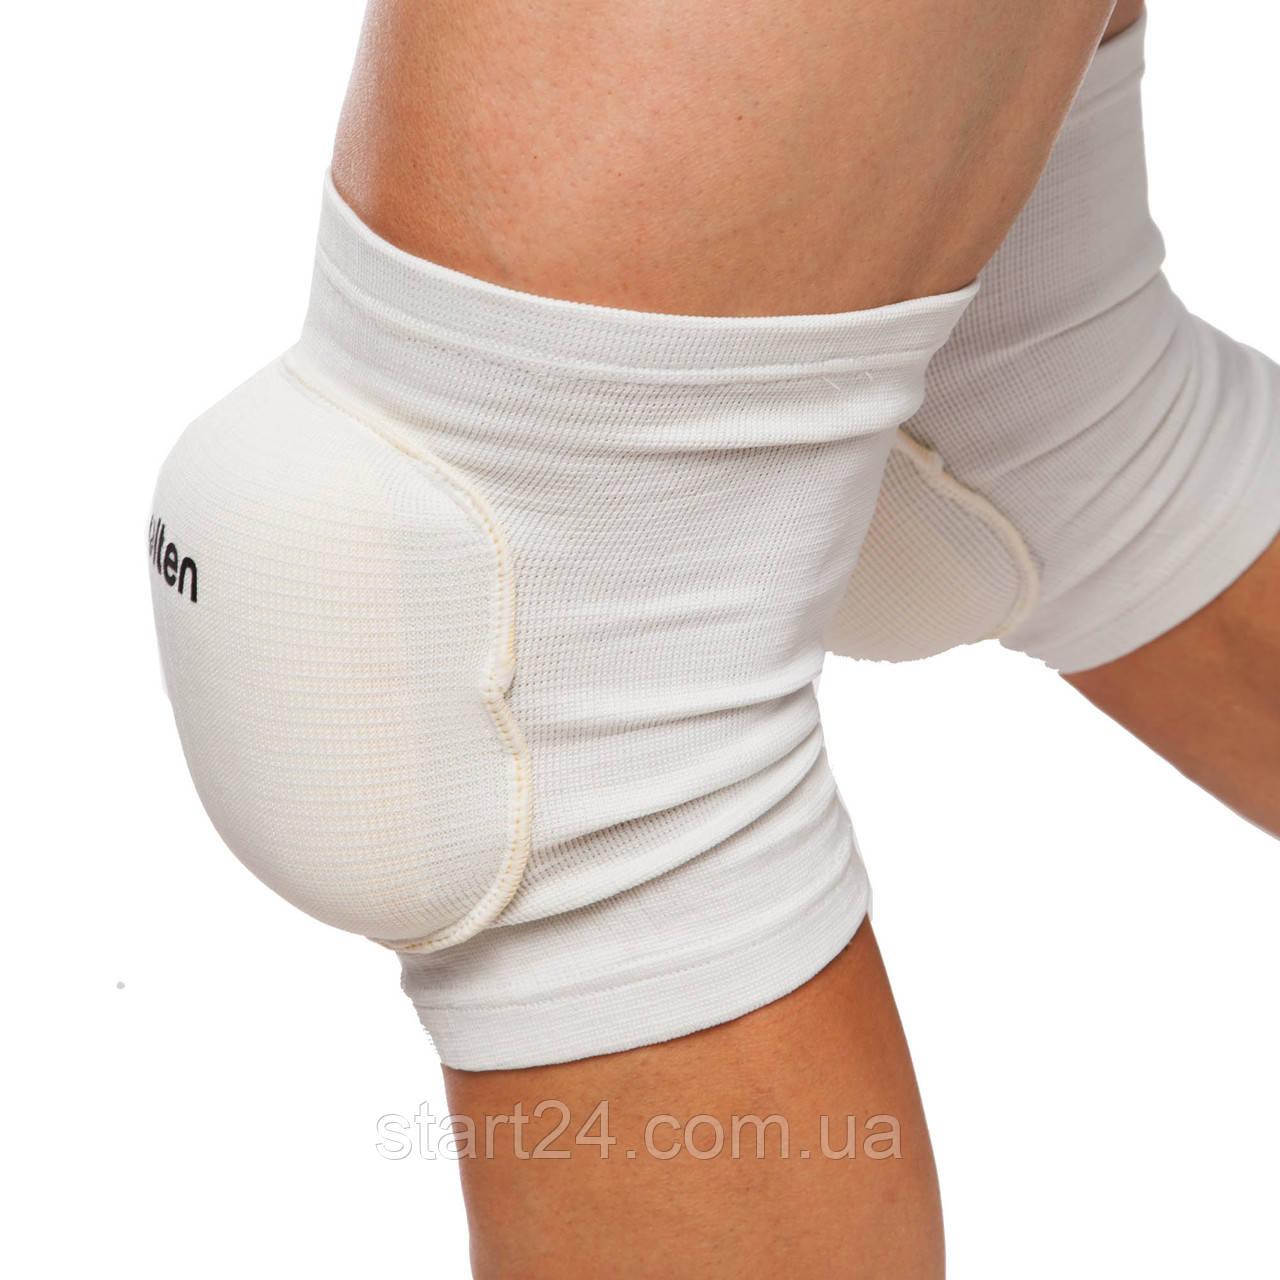 Наколенник волейбольный профессиональный (2шт) MOLTEN BC-4235 (PL, эластан, р-р L, цвета в ассортименте)